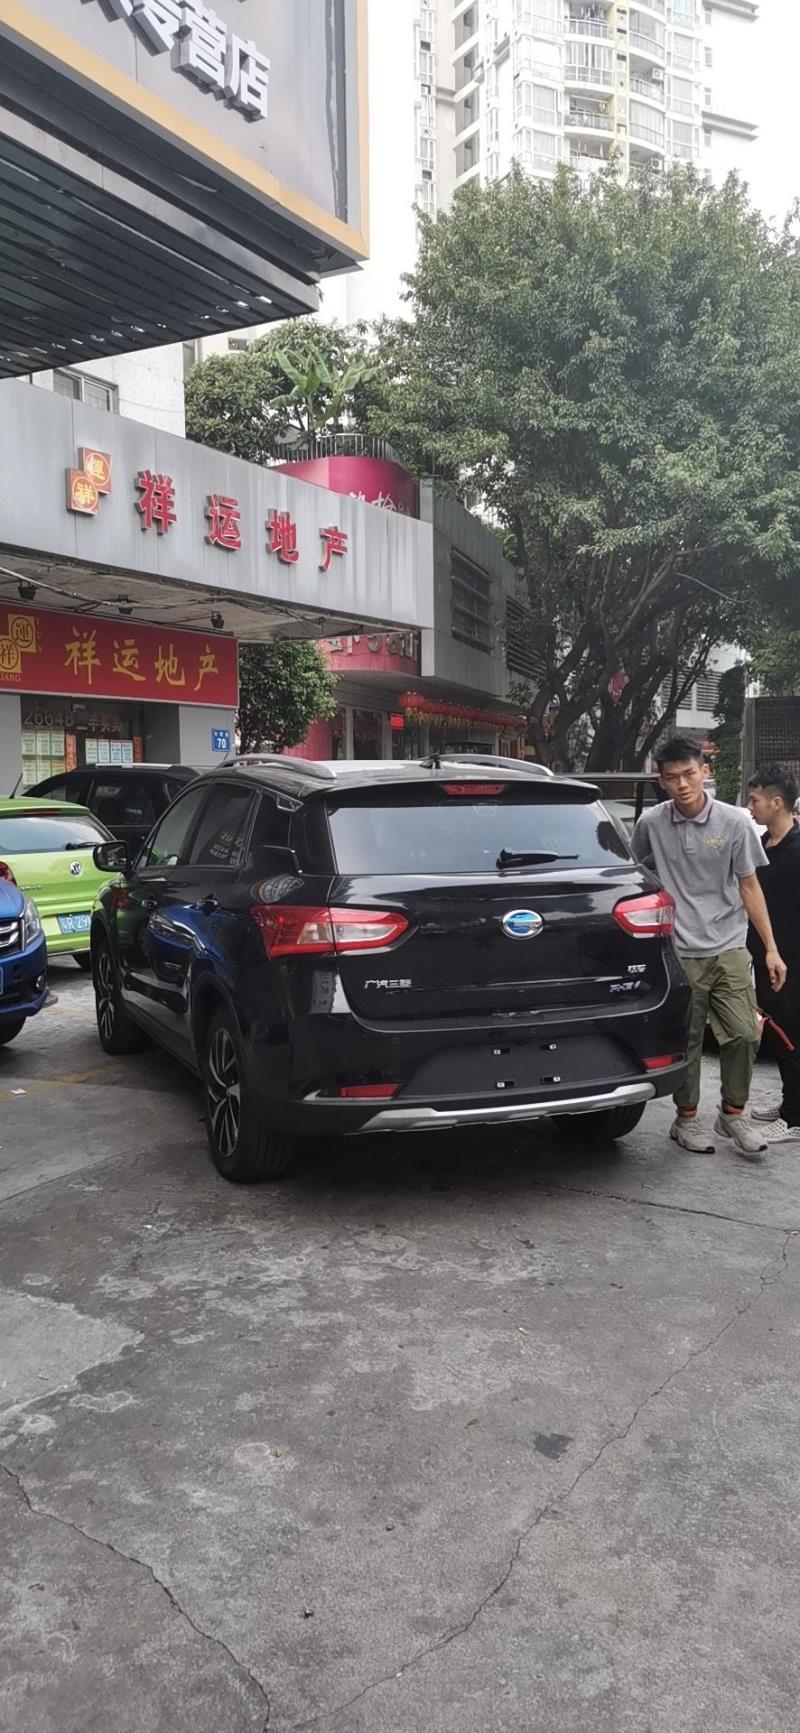 祺智phev,有没有人买2019广汽三菱褀智改装的啊